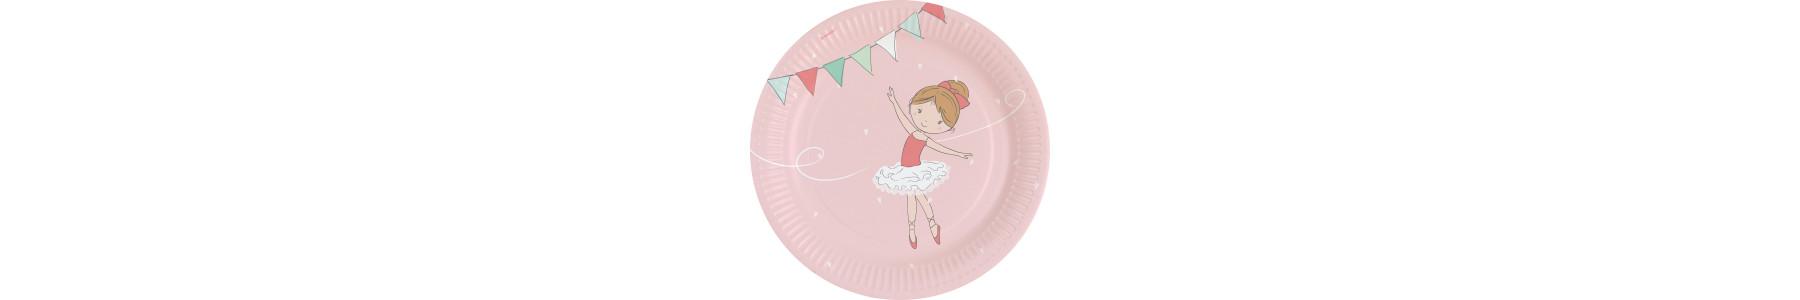 Articole de petrecere Micuta dansatoare